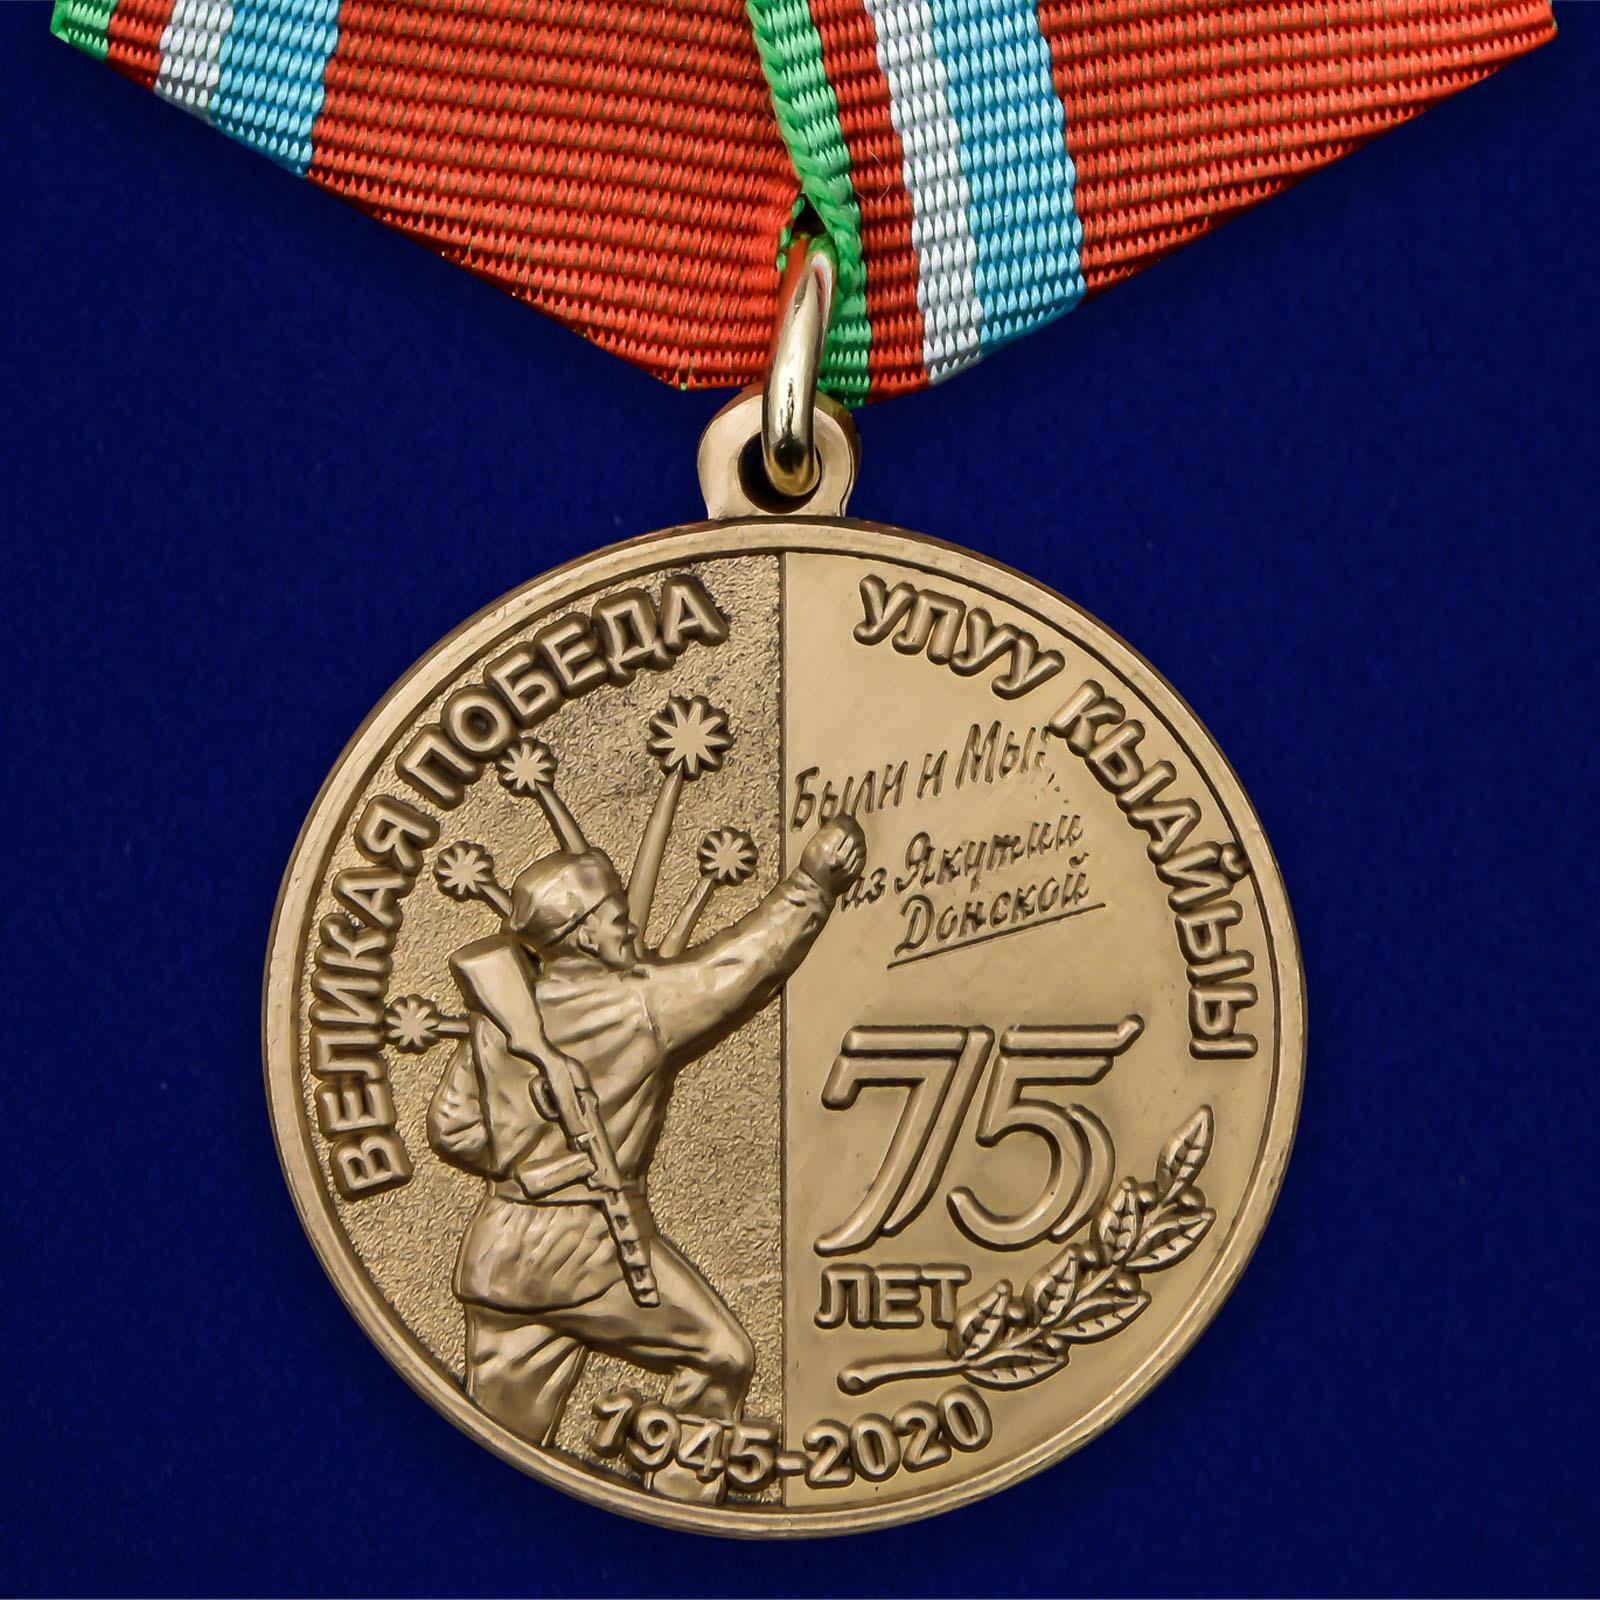 Купить медаль День Великой Победы Якутия на подставке онлайн выгодно